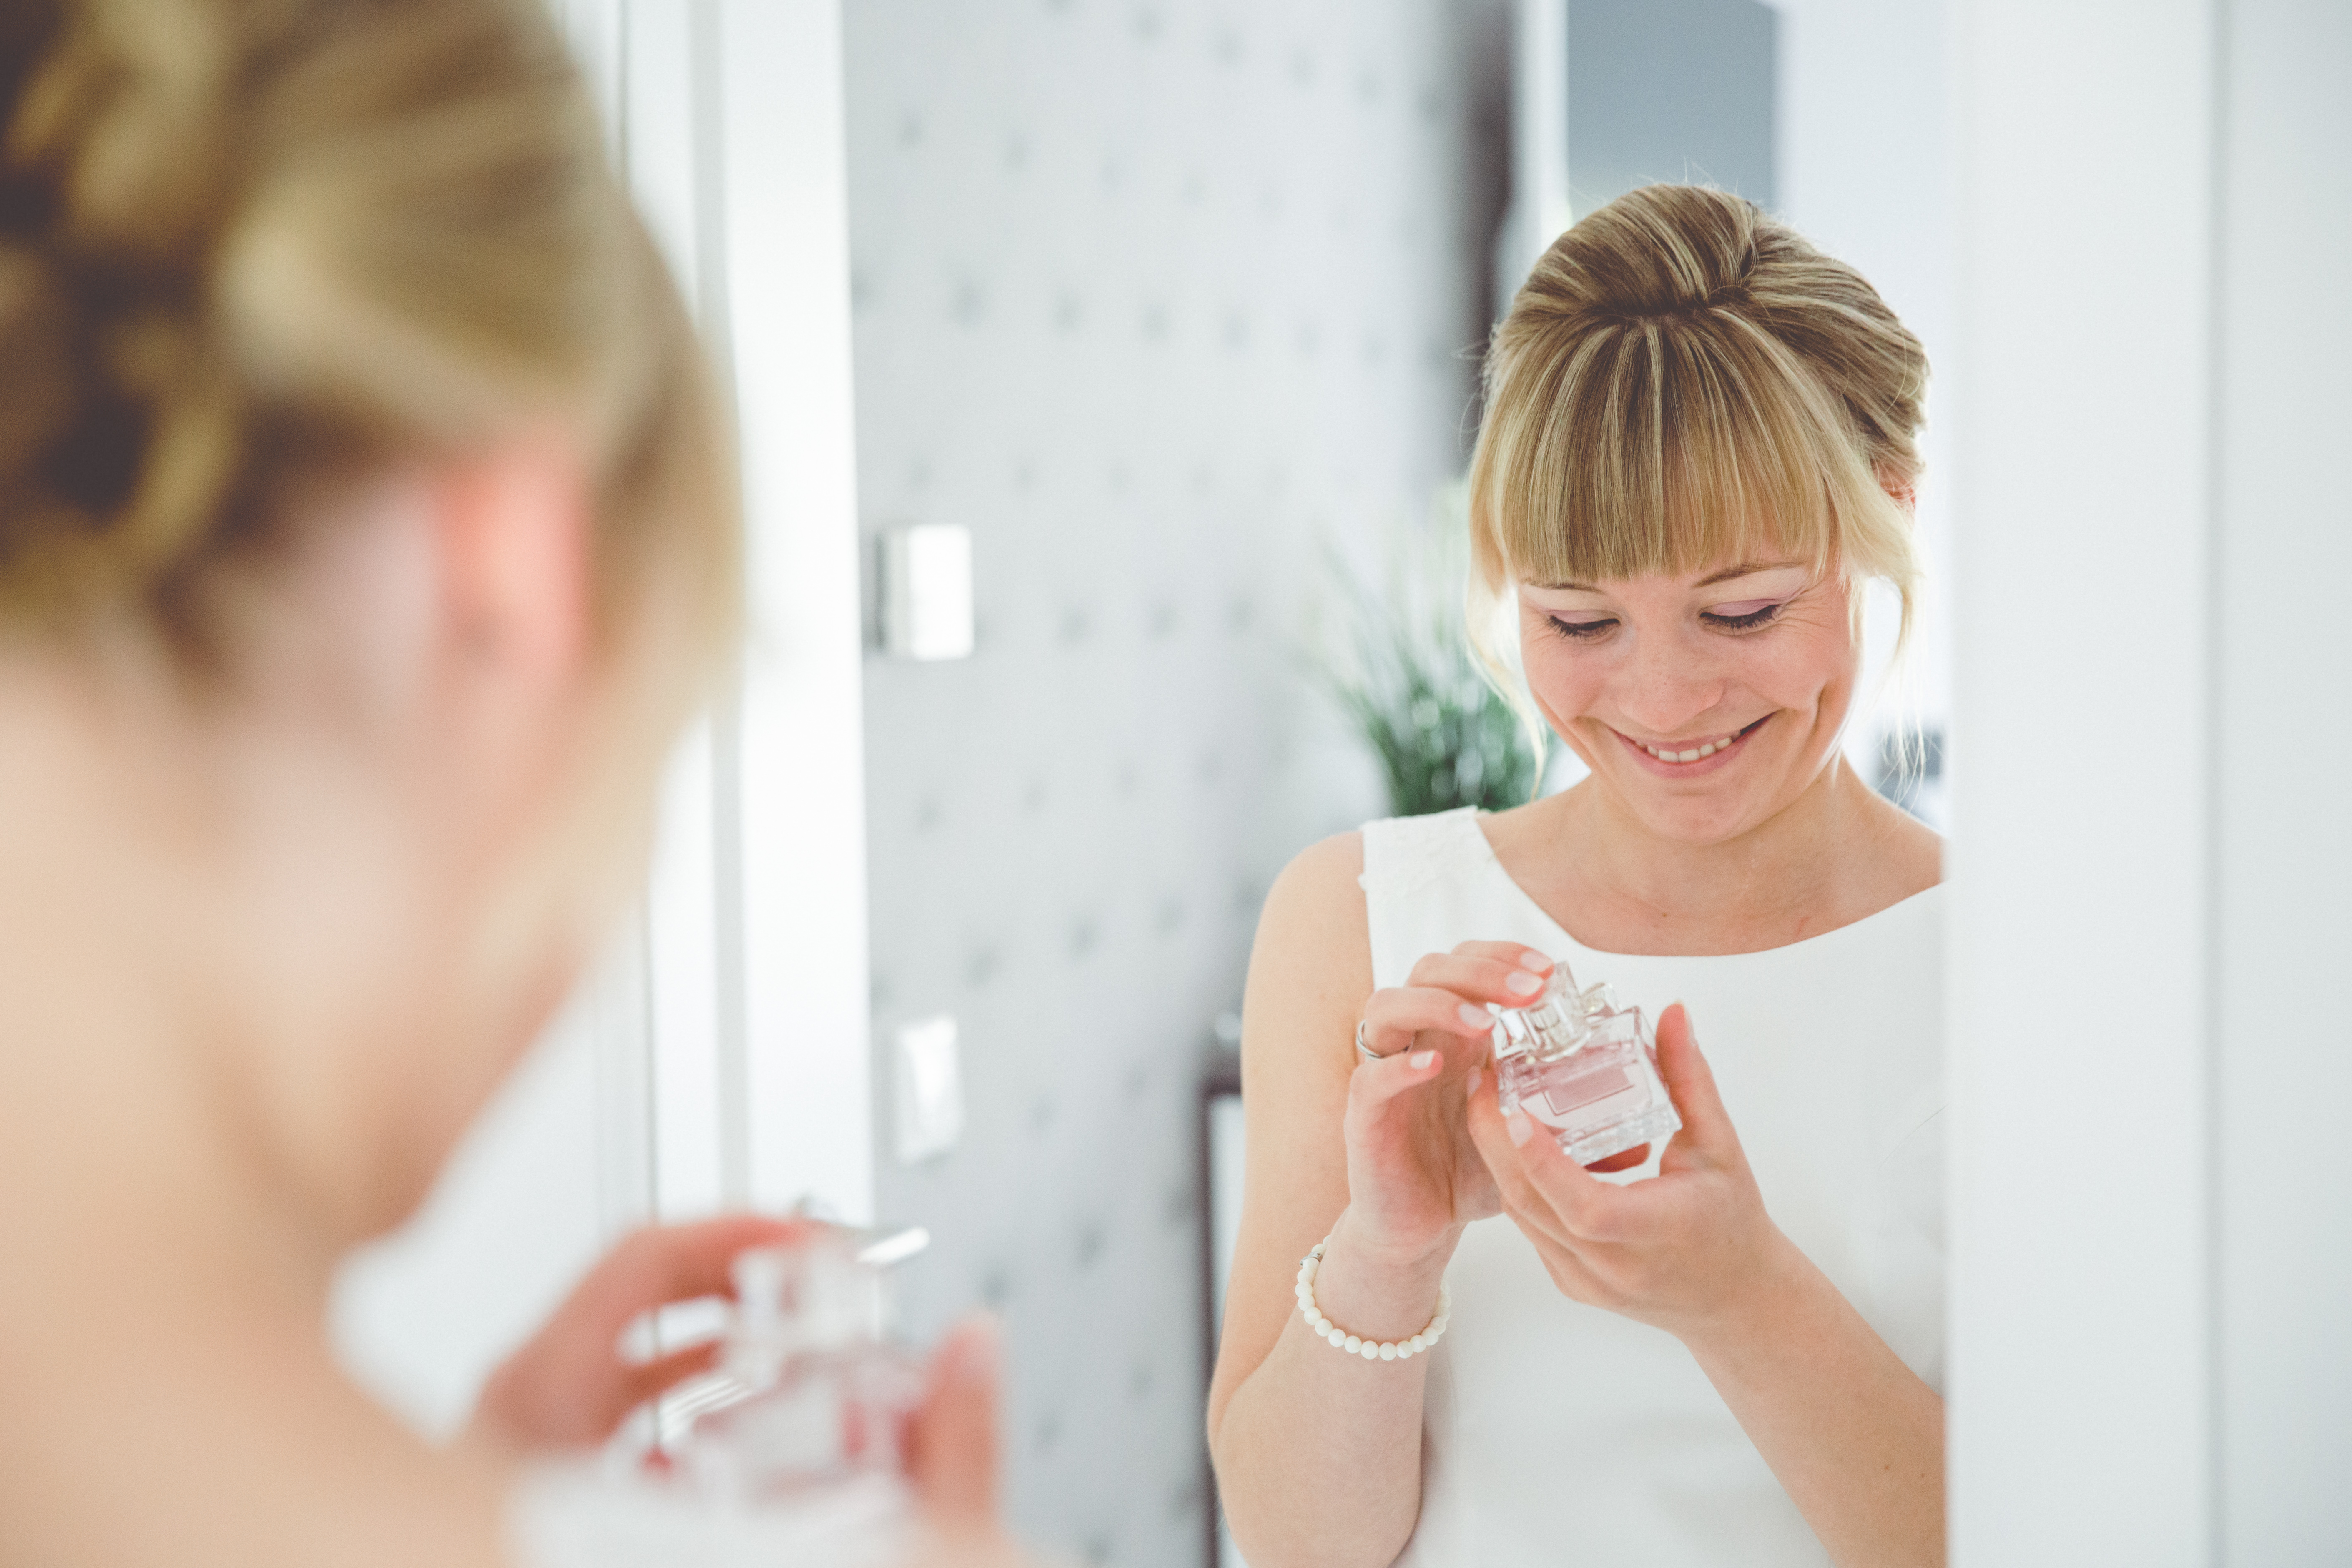 Braut beim Getting Ready fotografiert.